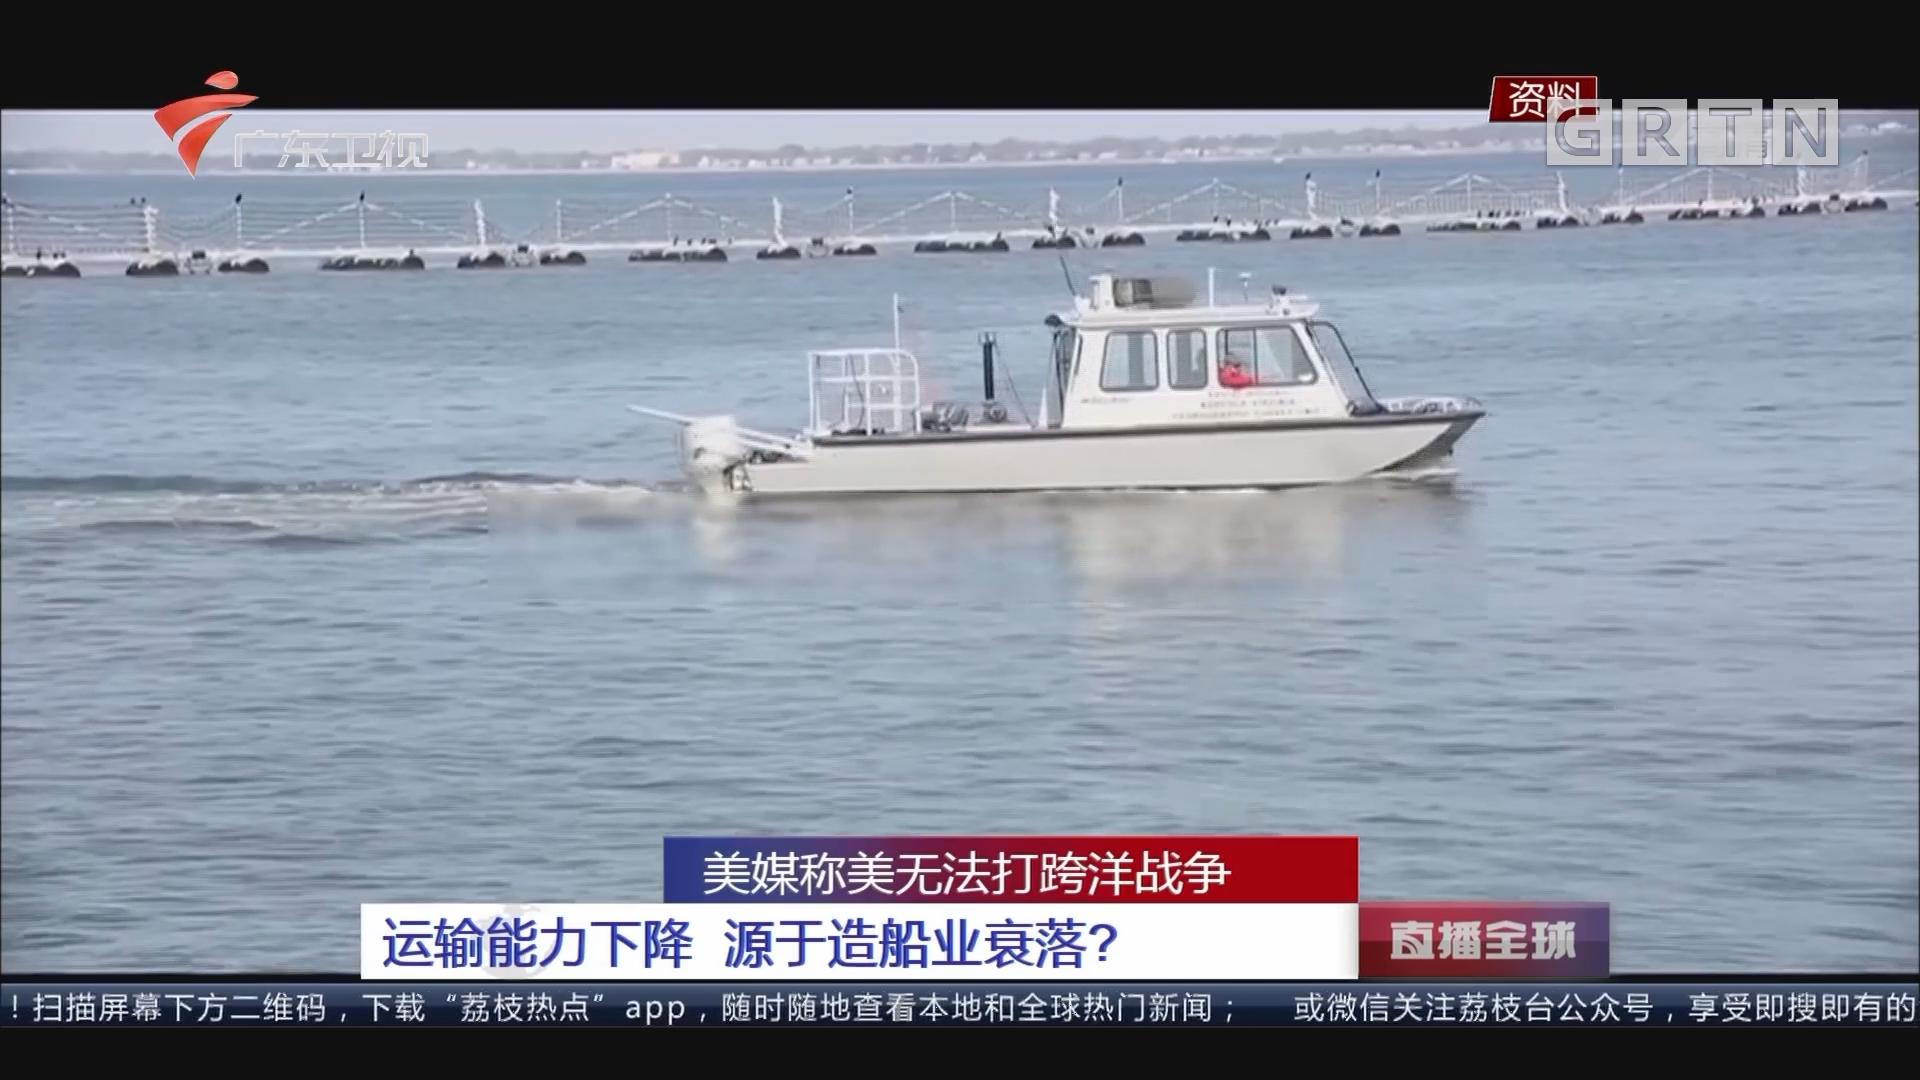 美媒称美无法打跨洋战争:运输能力下降 源于造船业衰落?